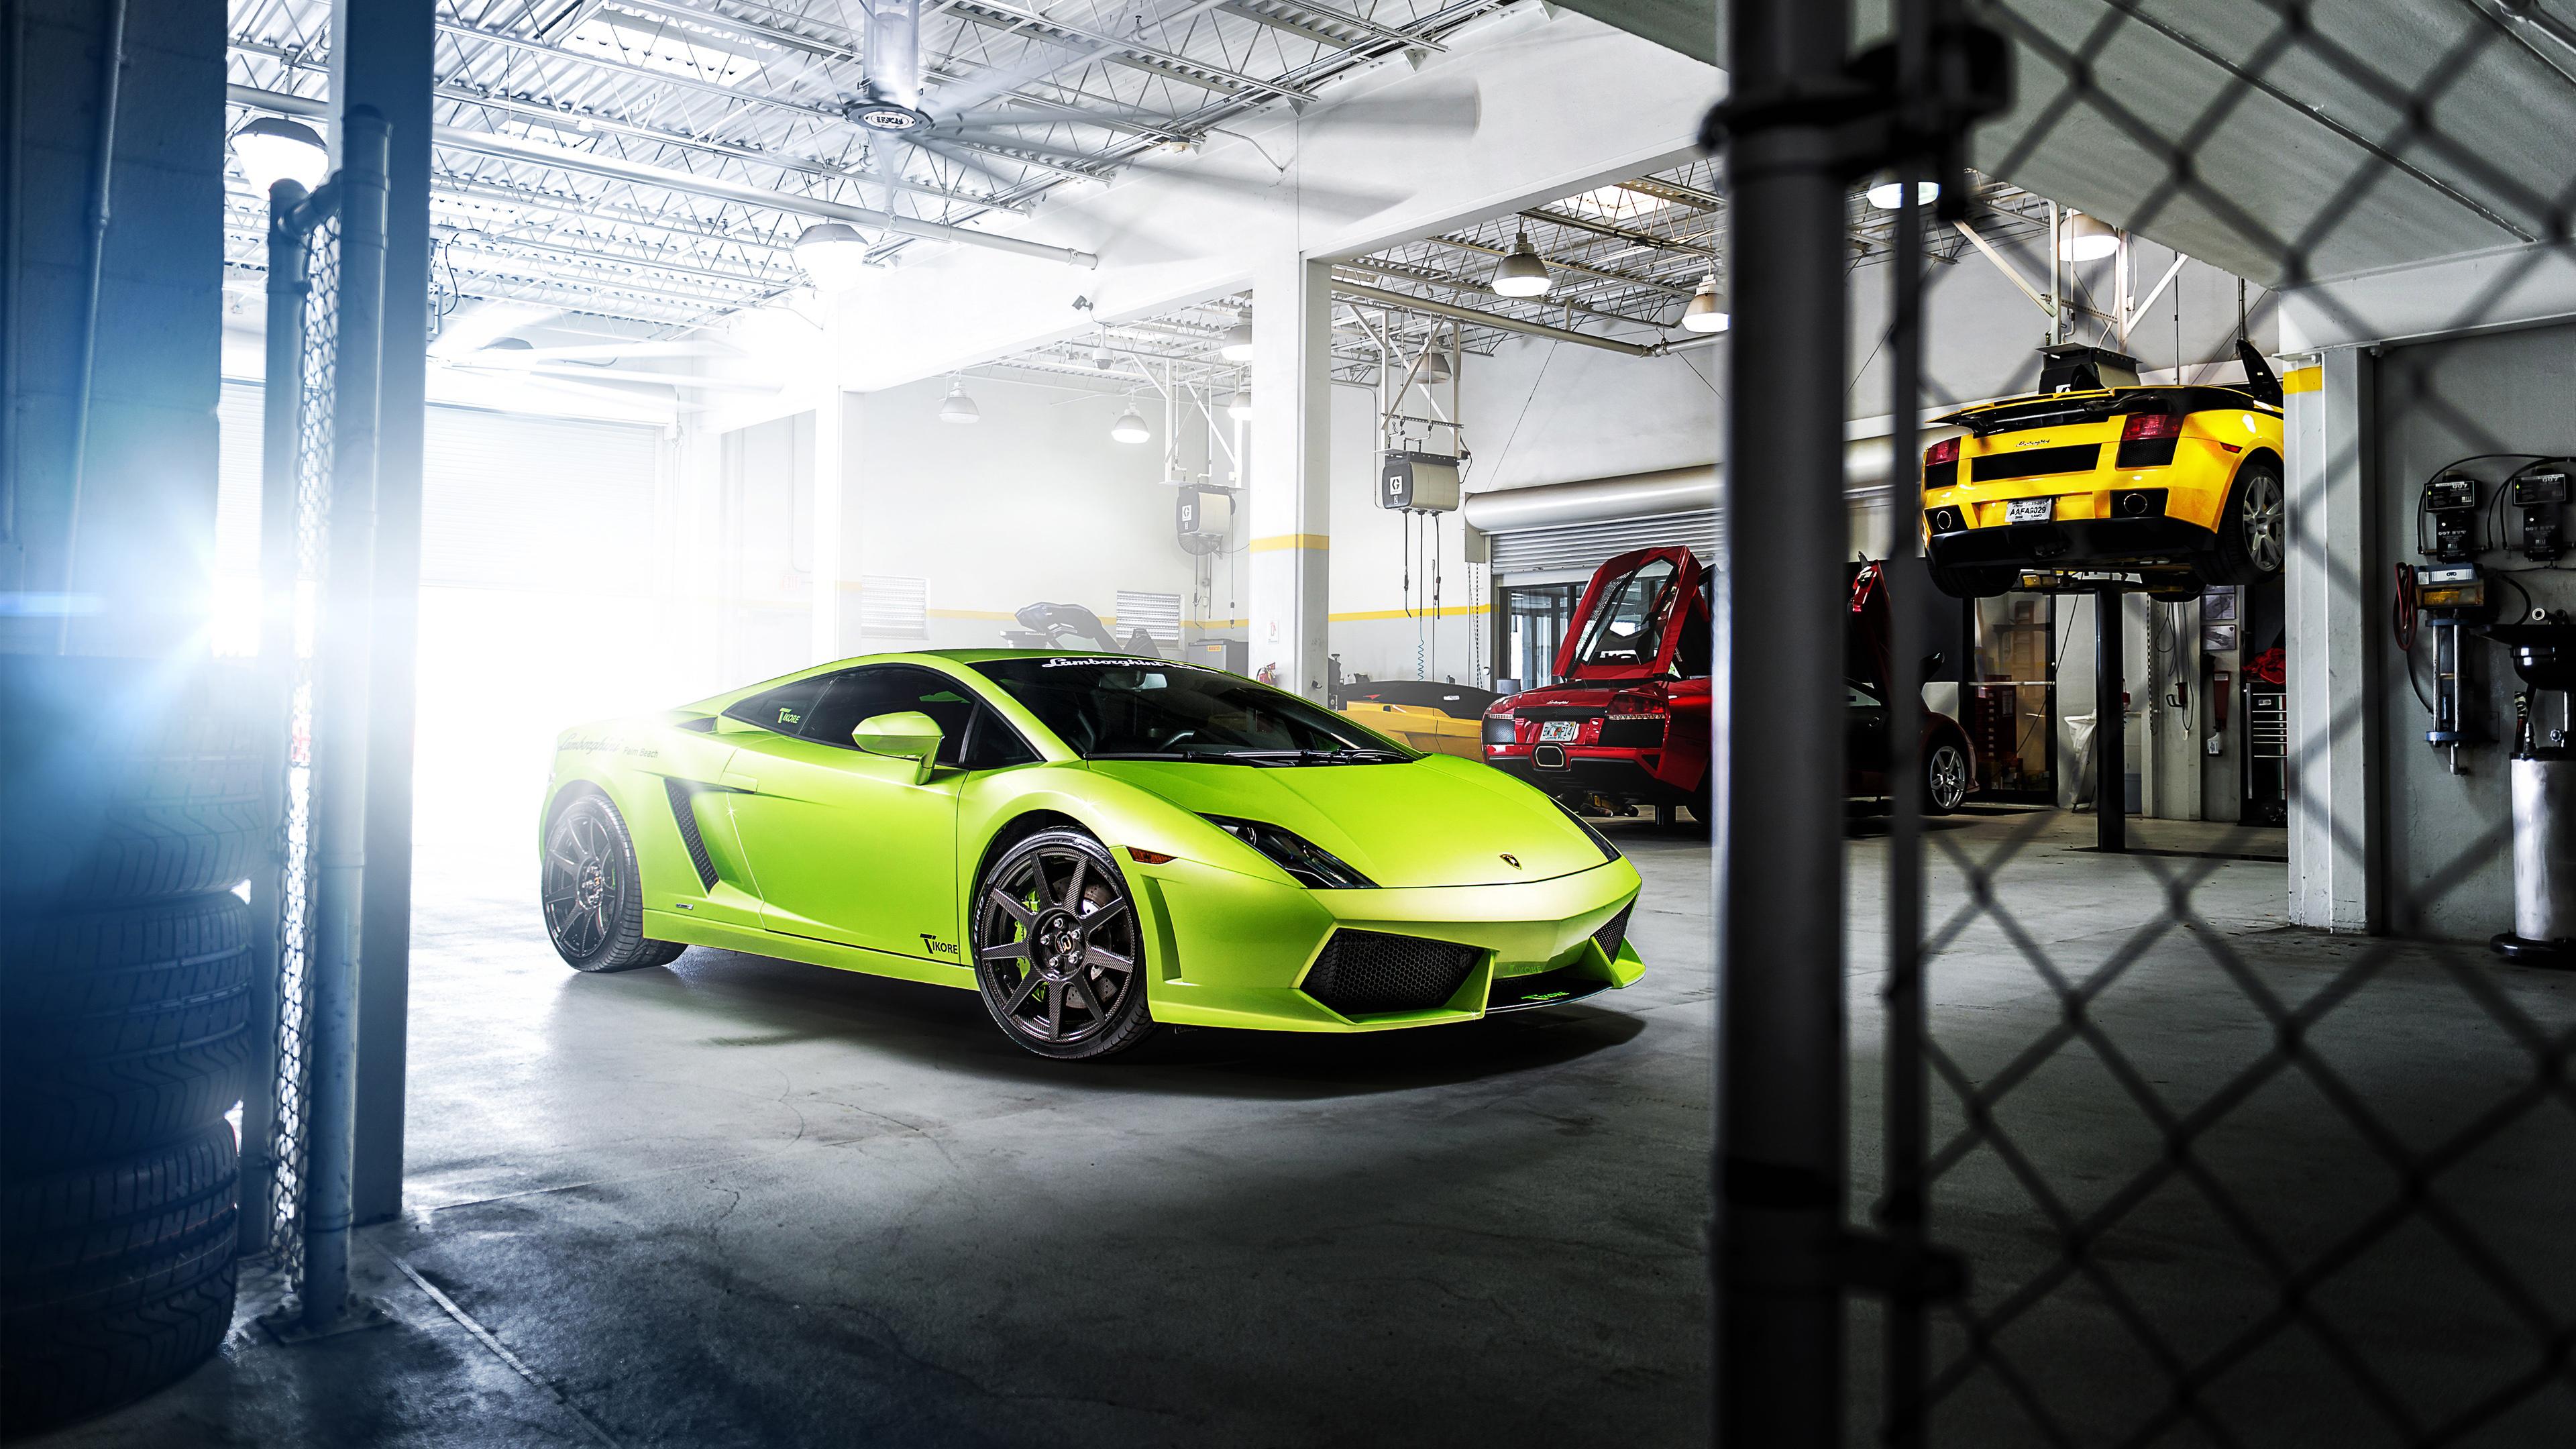 Ярко-зеленый автомобиль